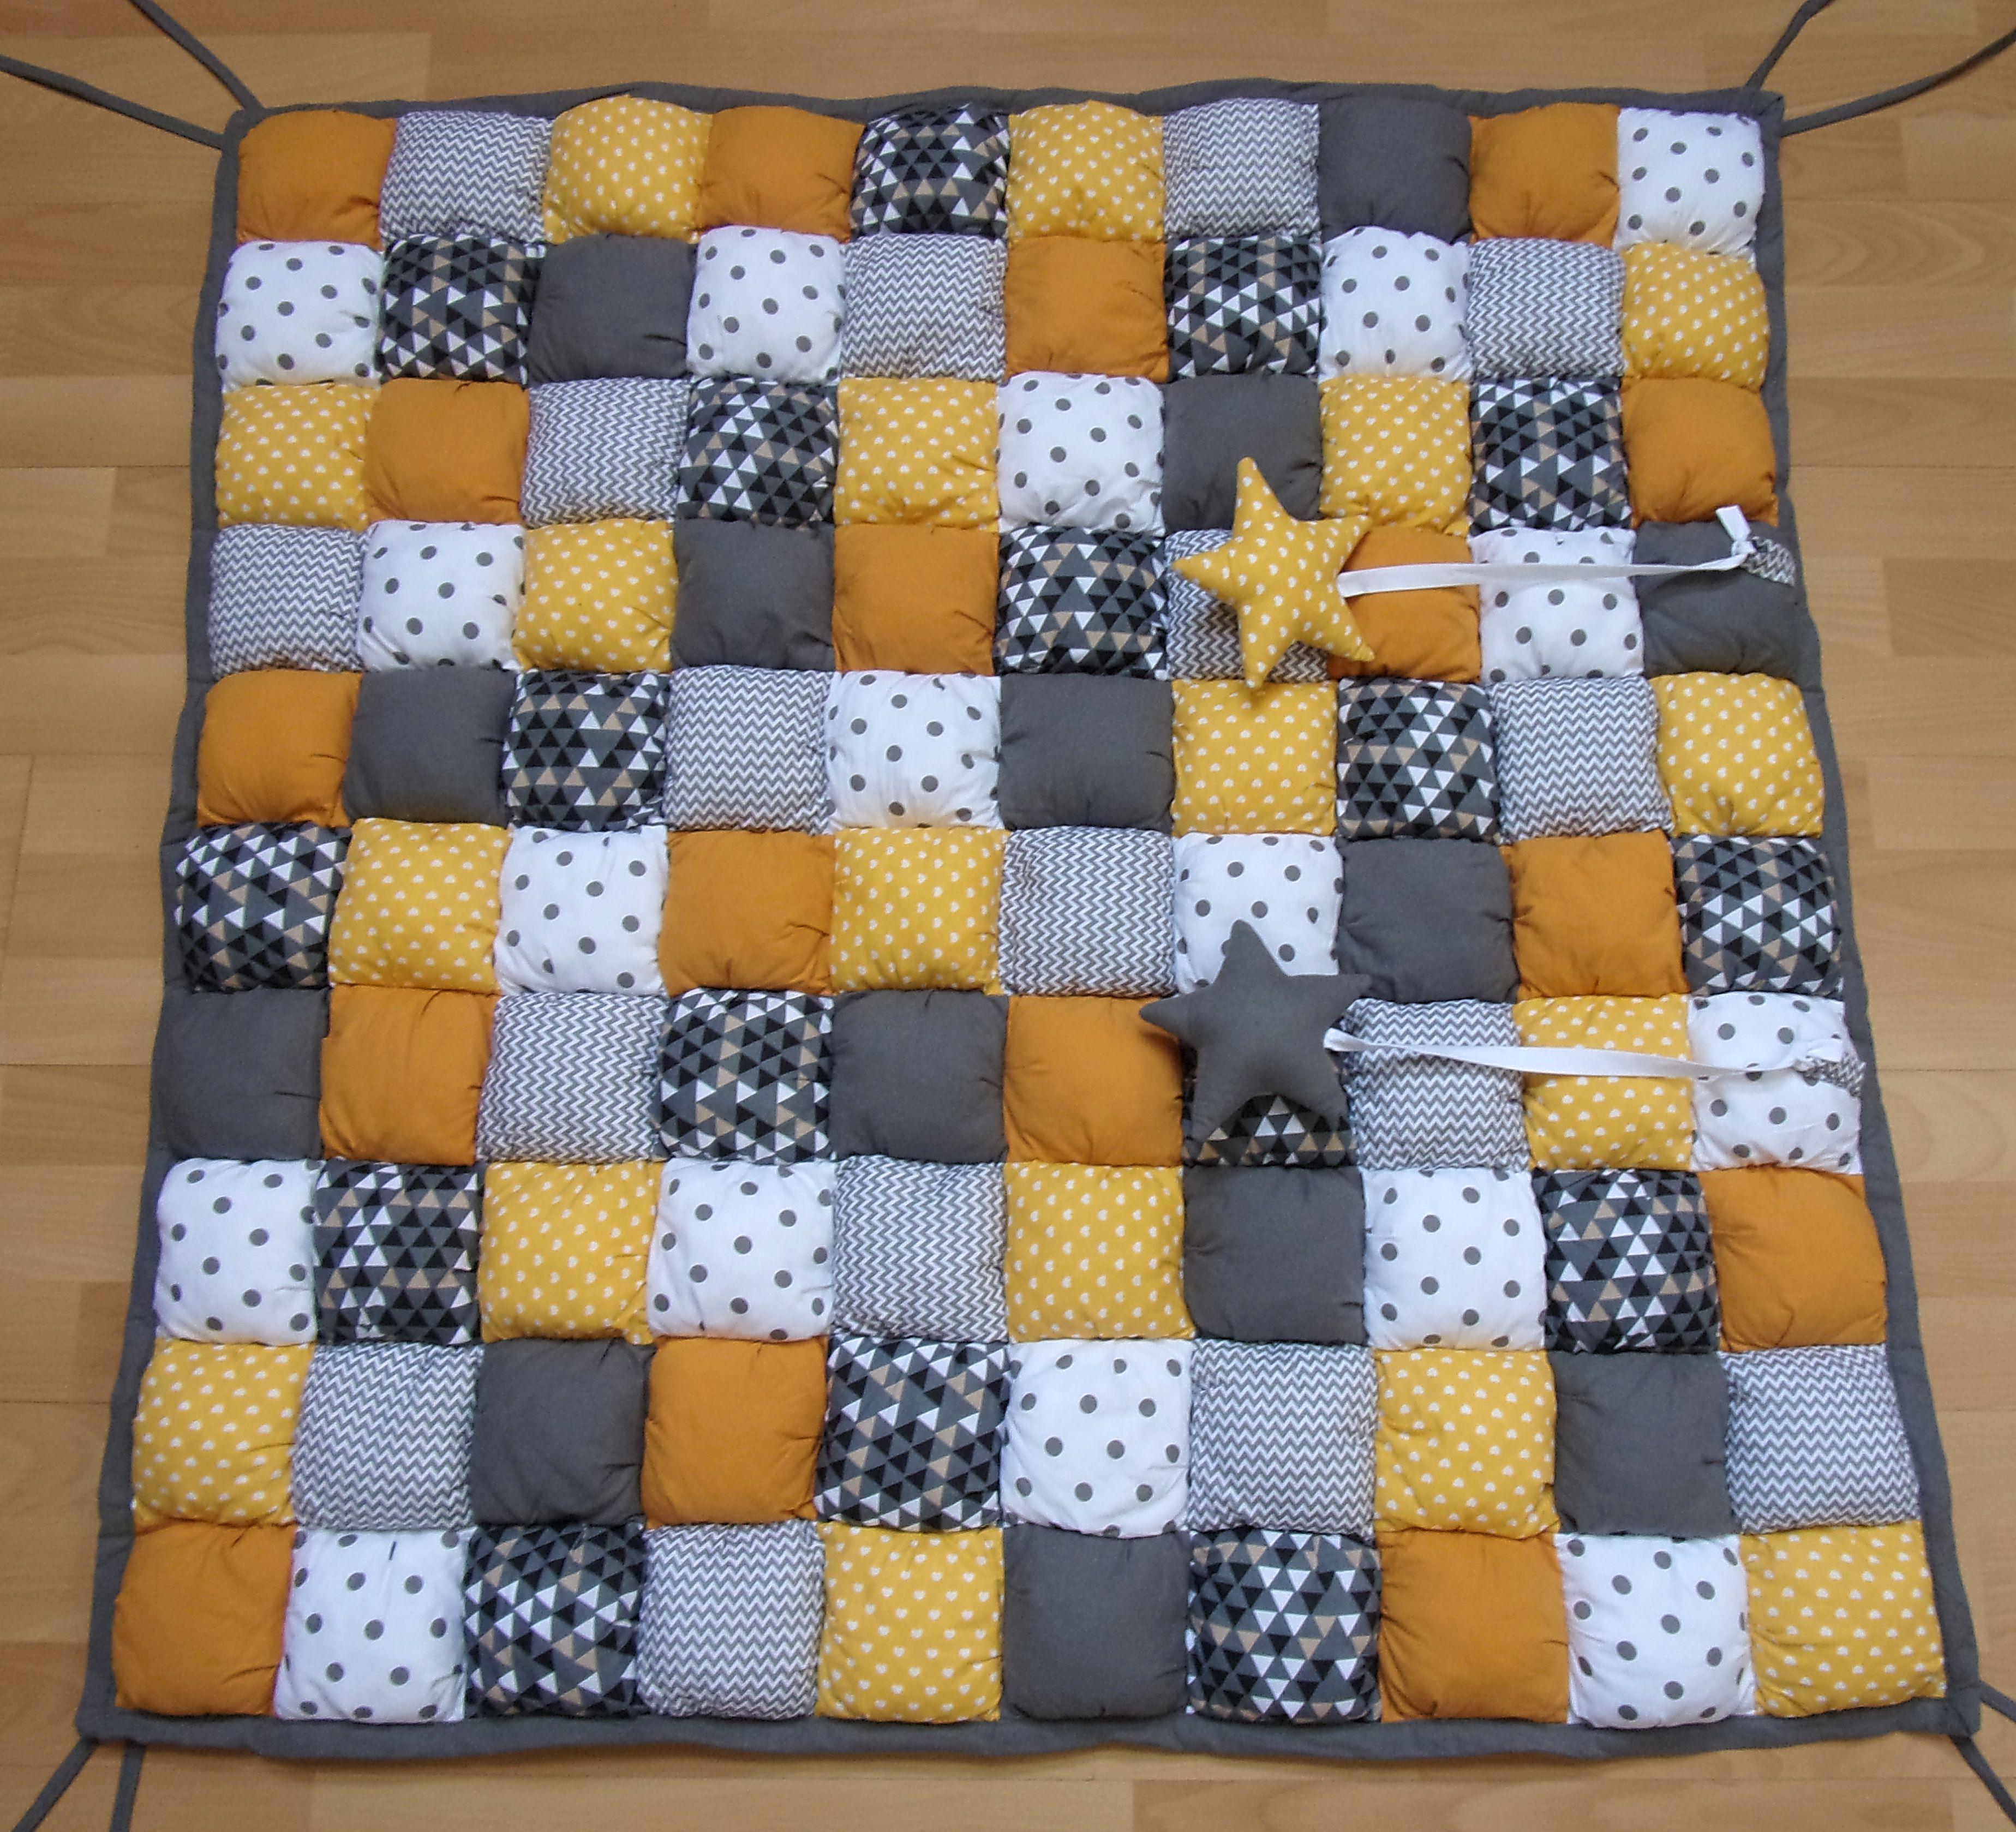 tapis de parc b b jaune et gris tapis de jeu b b jaune et gris puff quilt jaune gris blanc. Black Bedroom Furniture Sets. Home Design Ideas